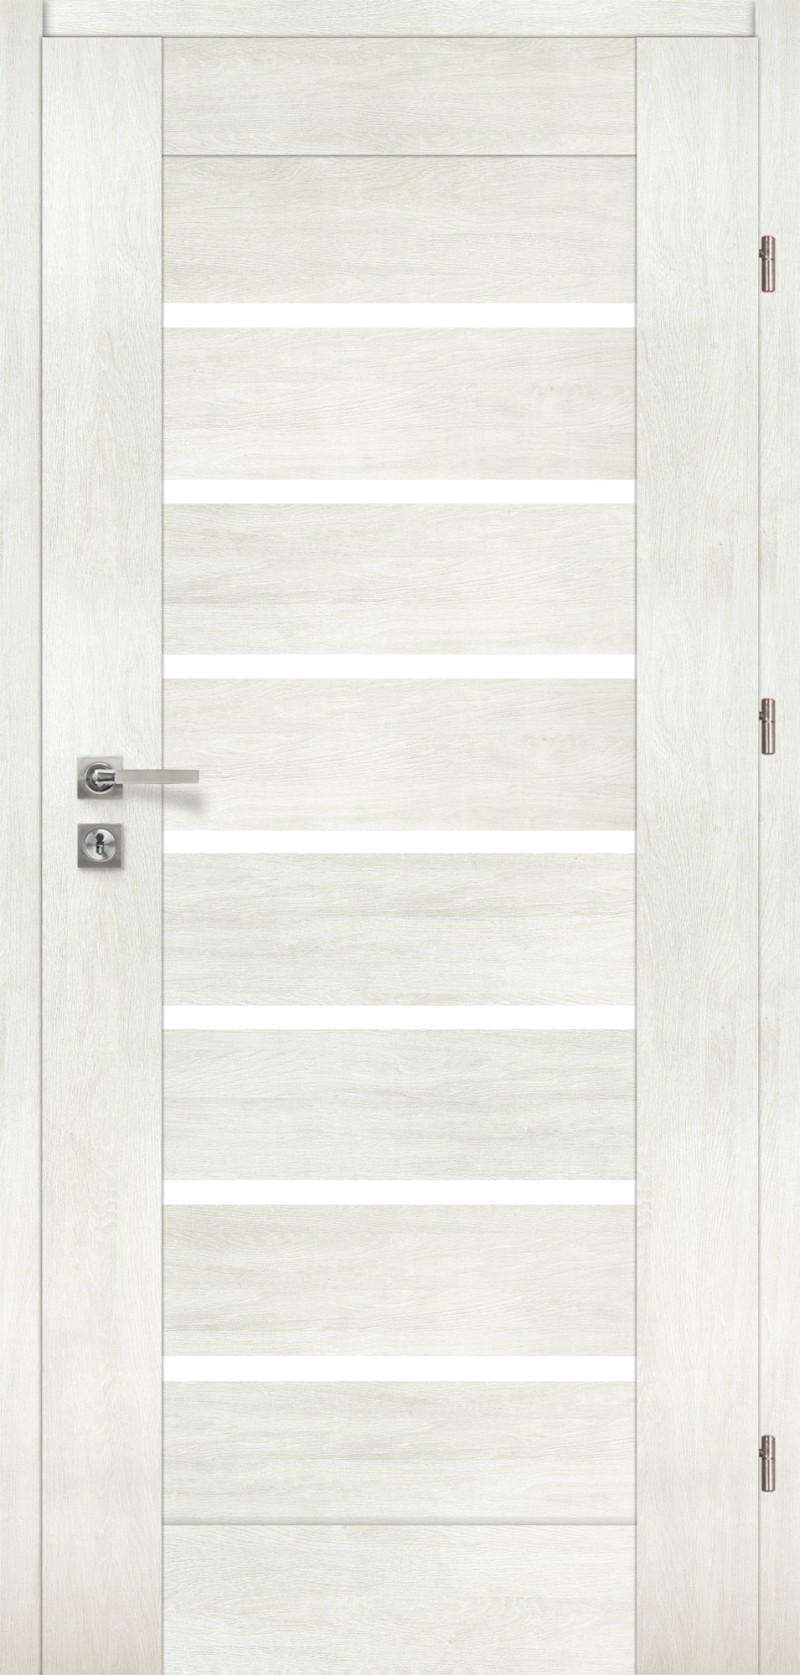 Drzwi z przeszkleniem Vanilla akacja cpl | Wrocław